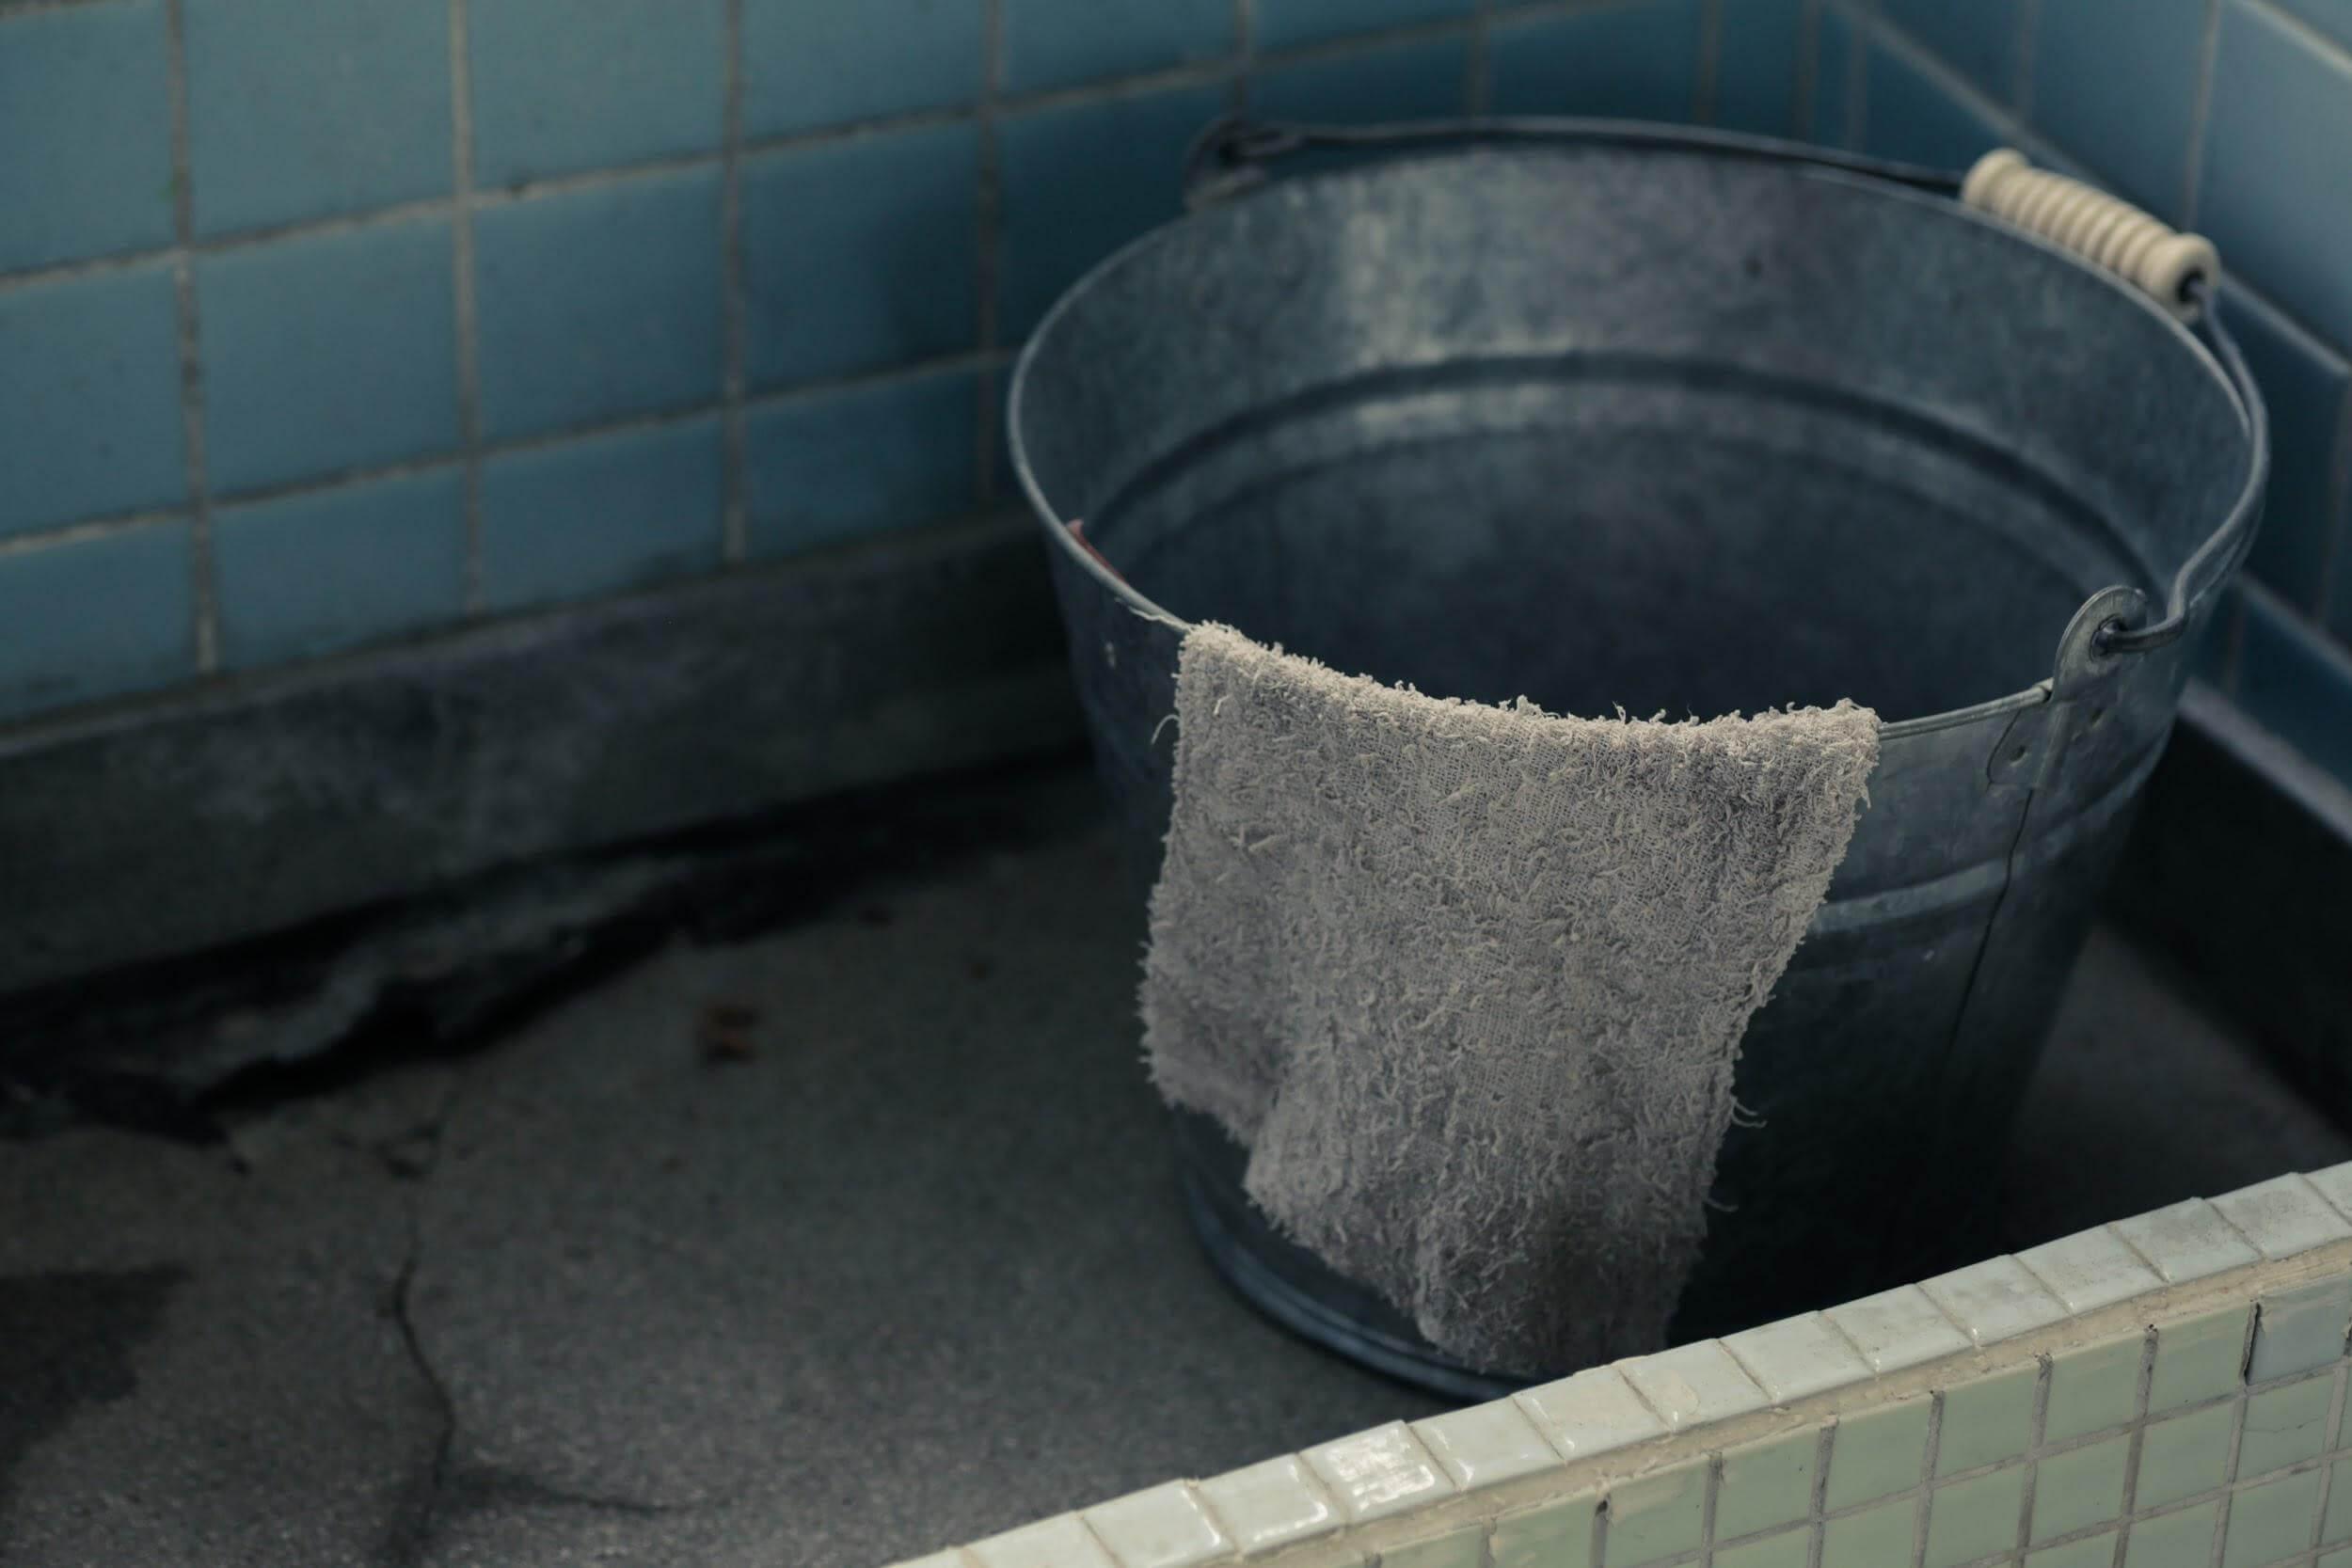 バケツと雑巾で拡大防止